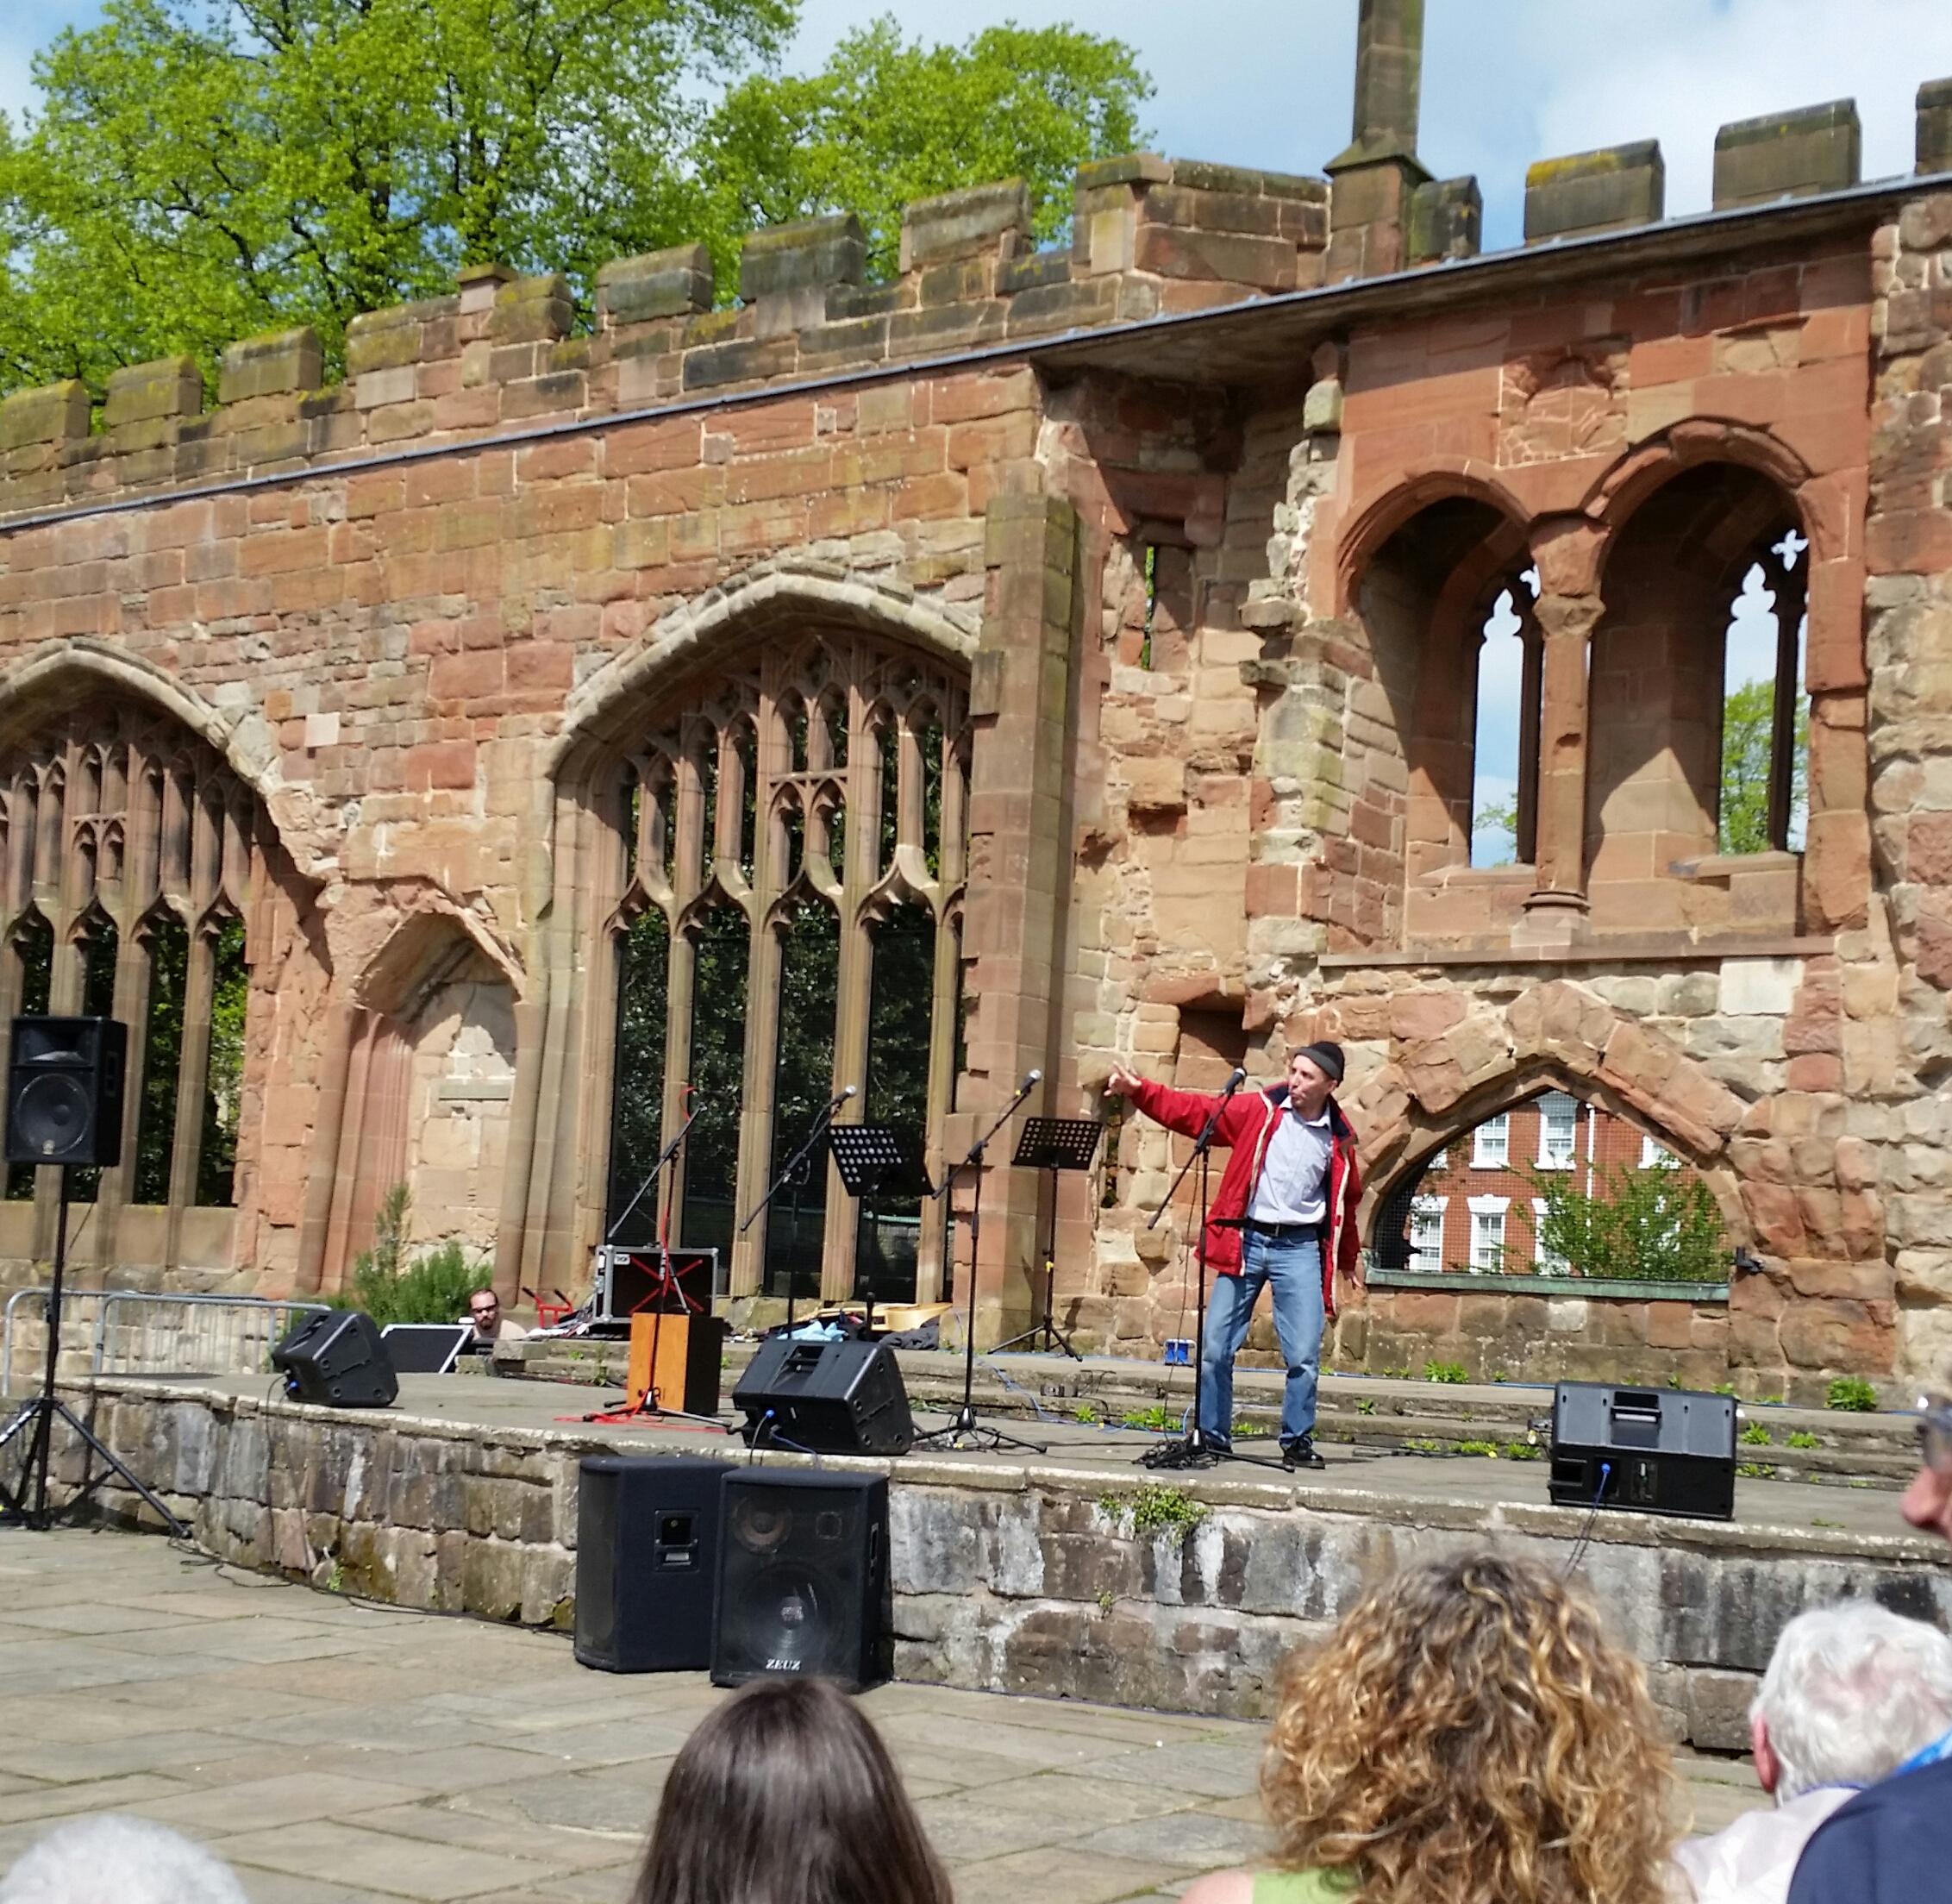 Drama at Coventry Cathedral 5 May 2018